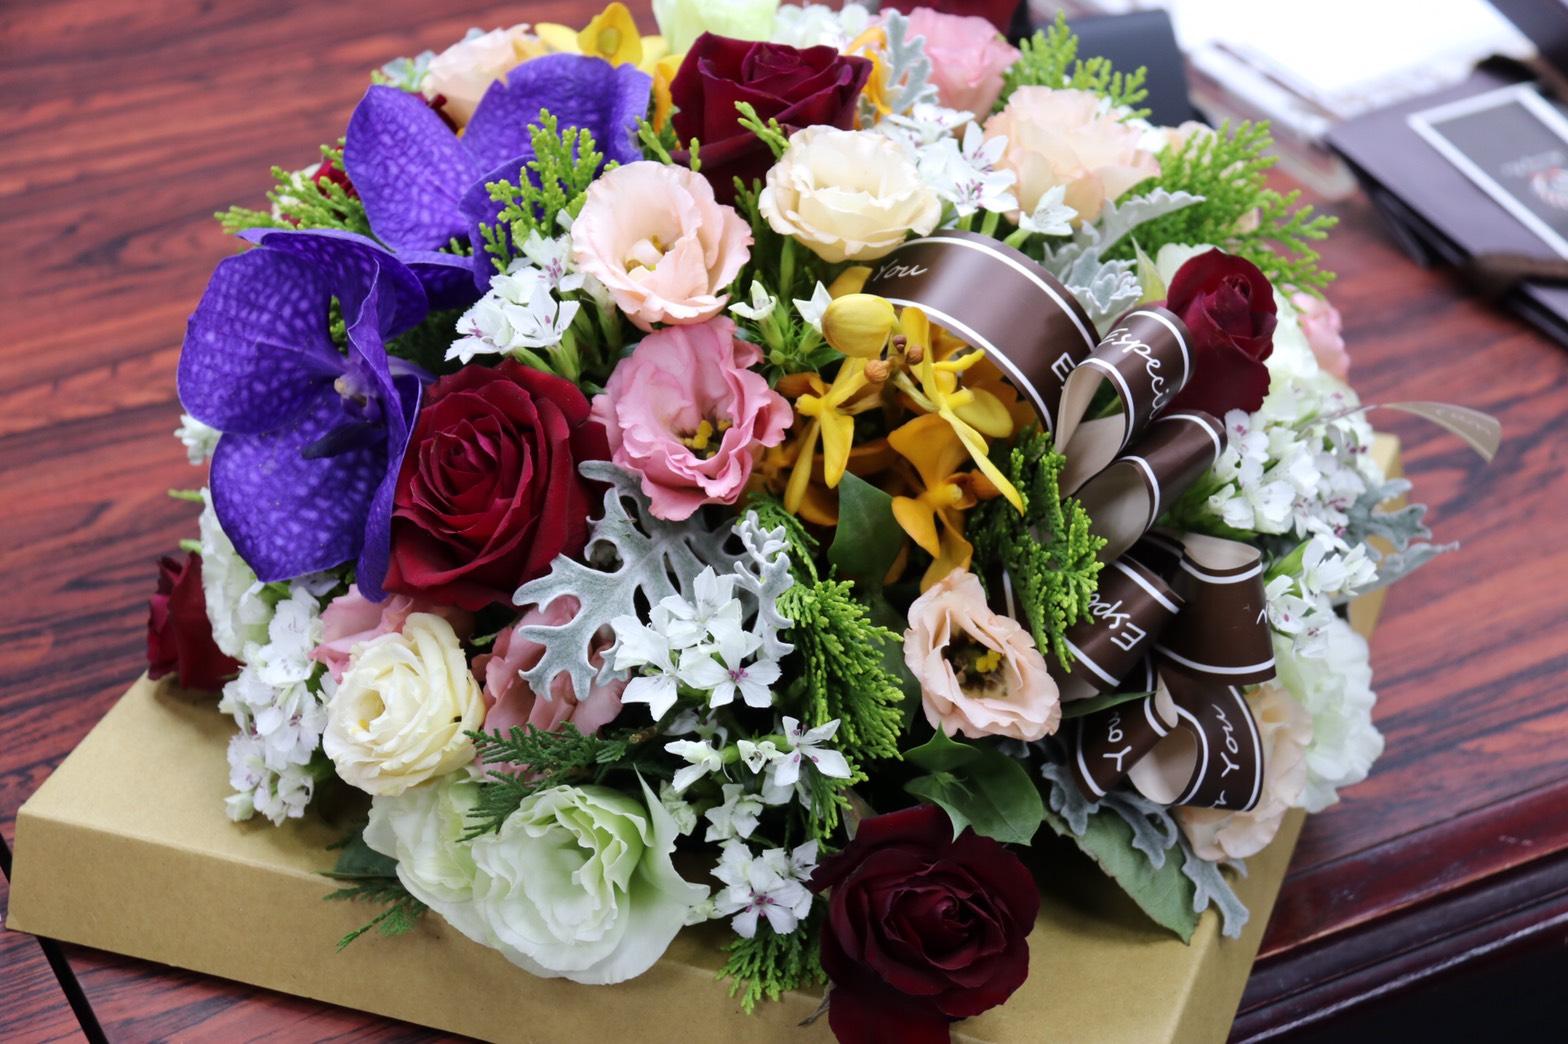 用花傳幸福 花獻有您真好。(記者張光雄翻攝)